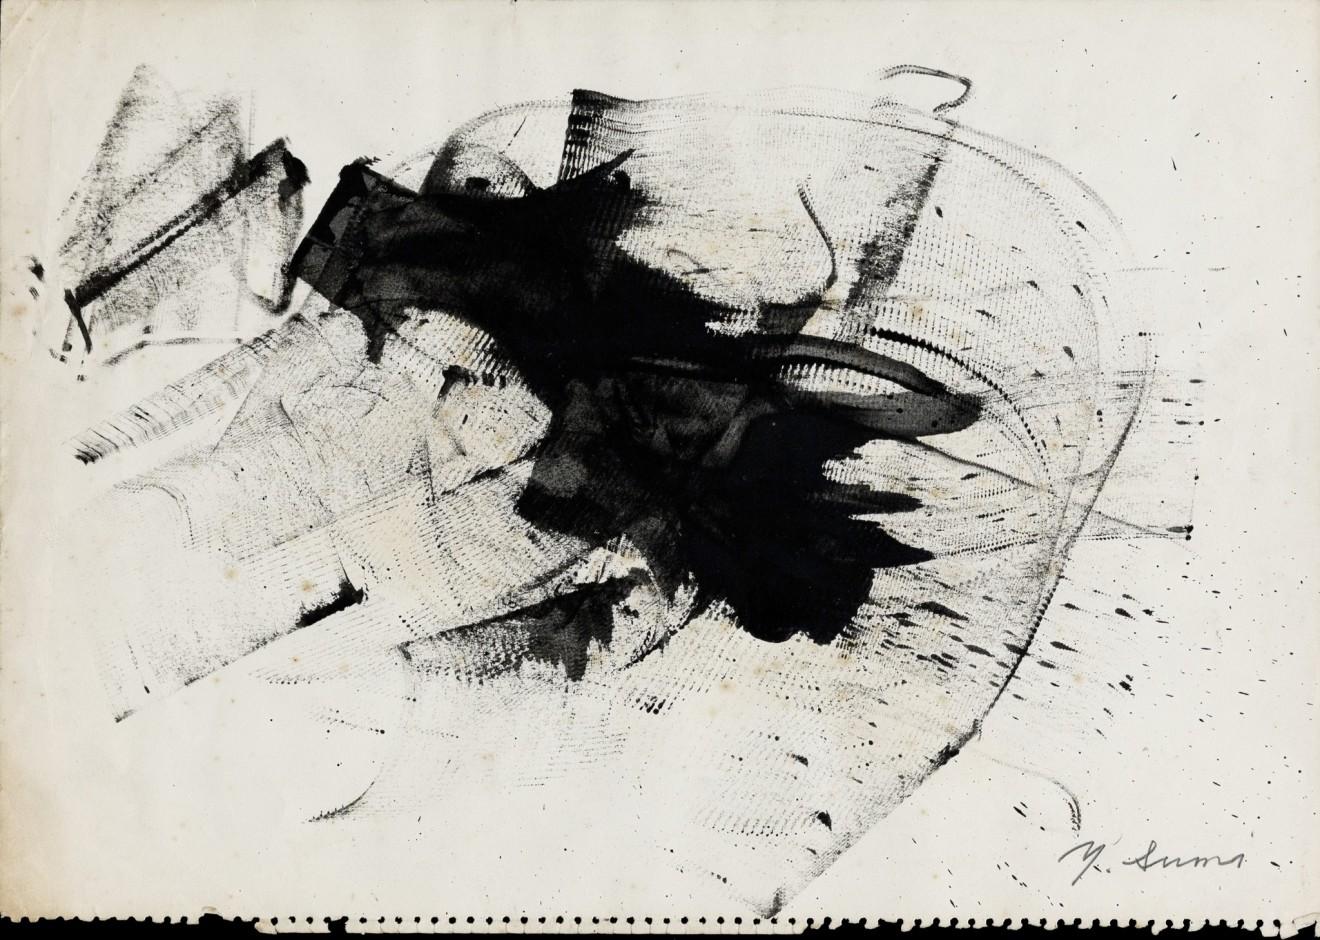 Yasuo Sumi, Untitled 55, 1955